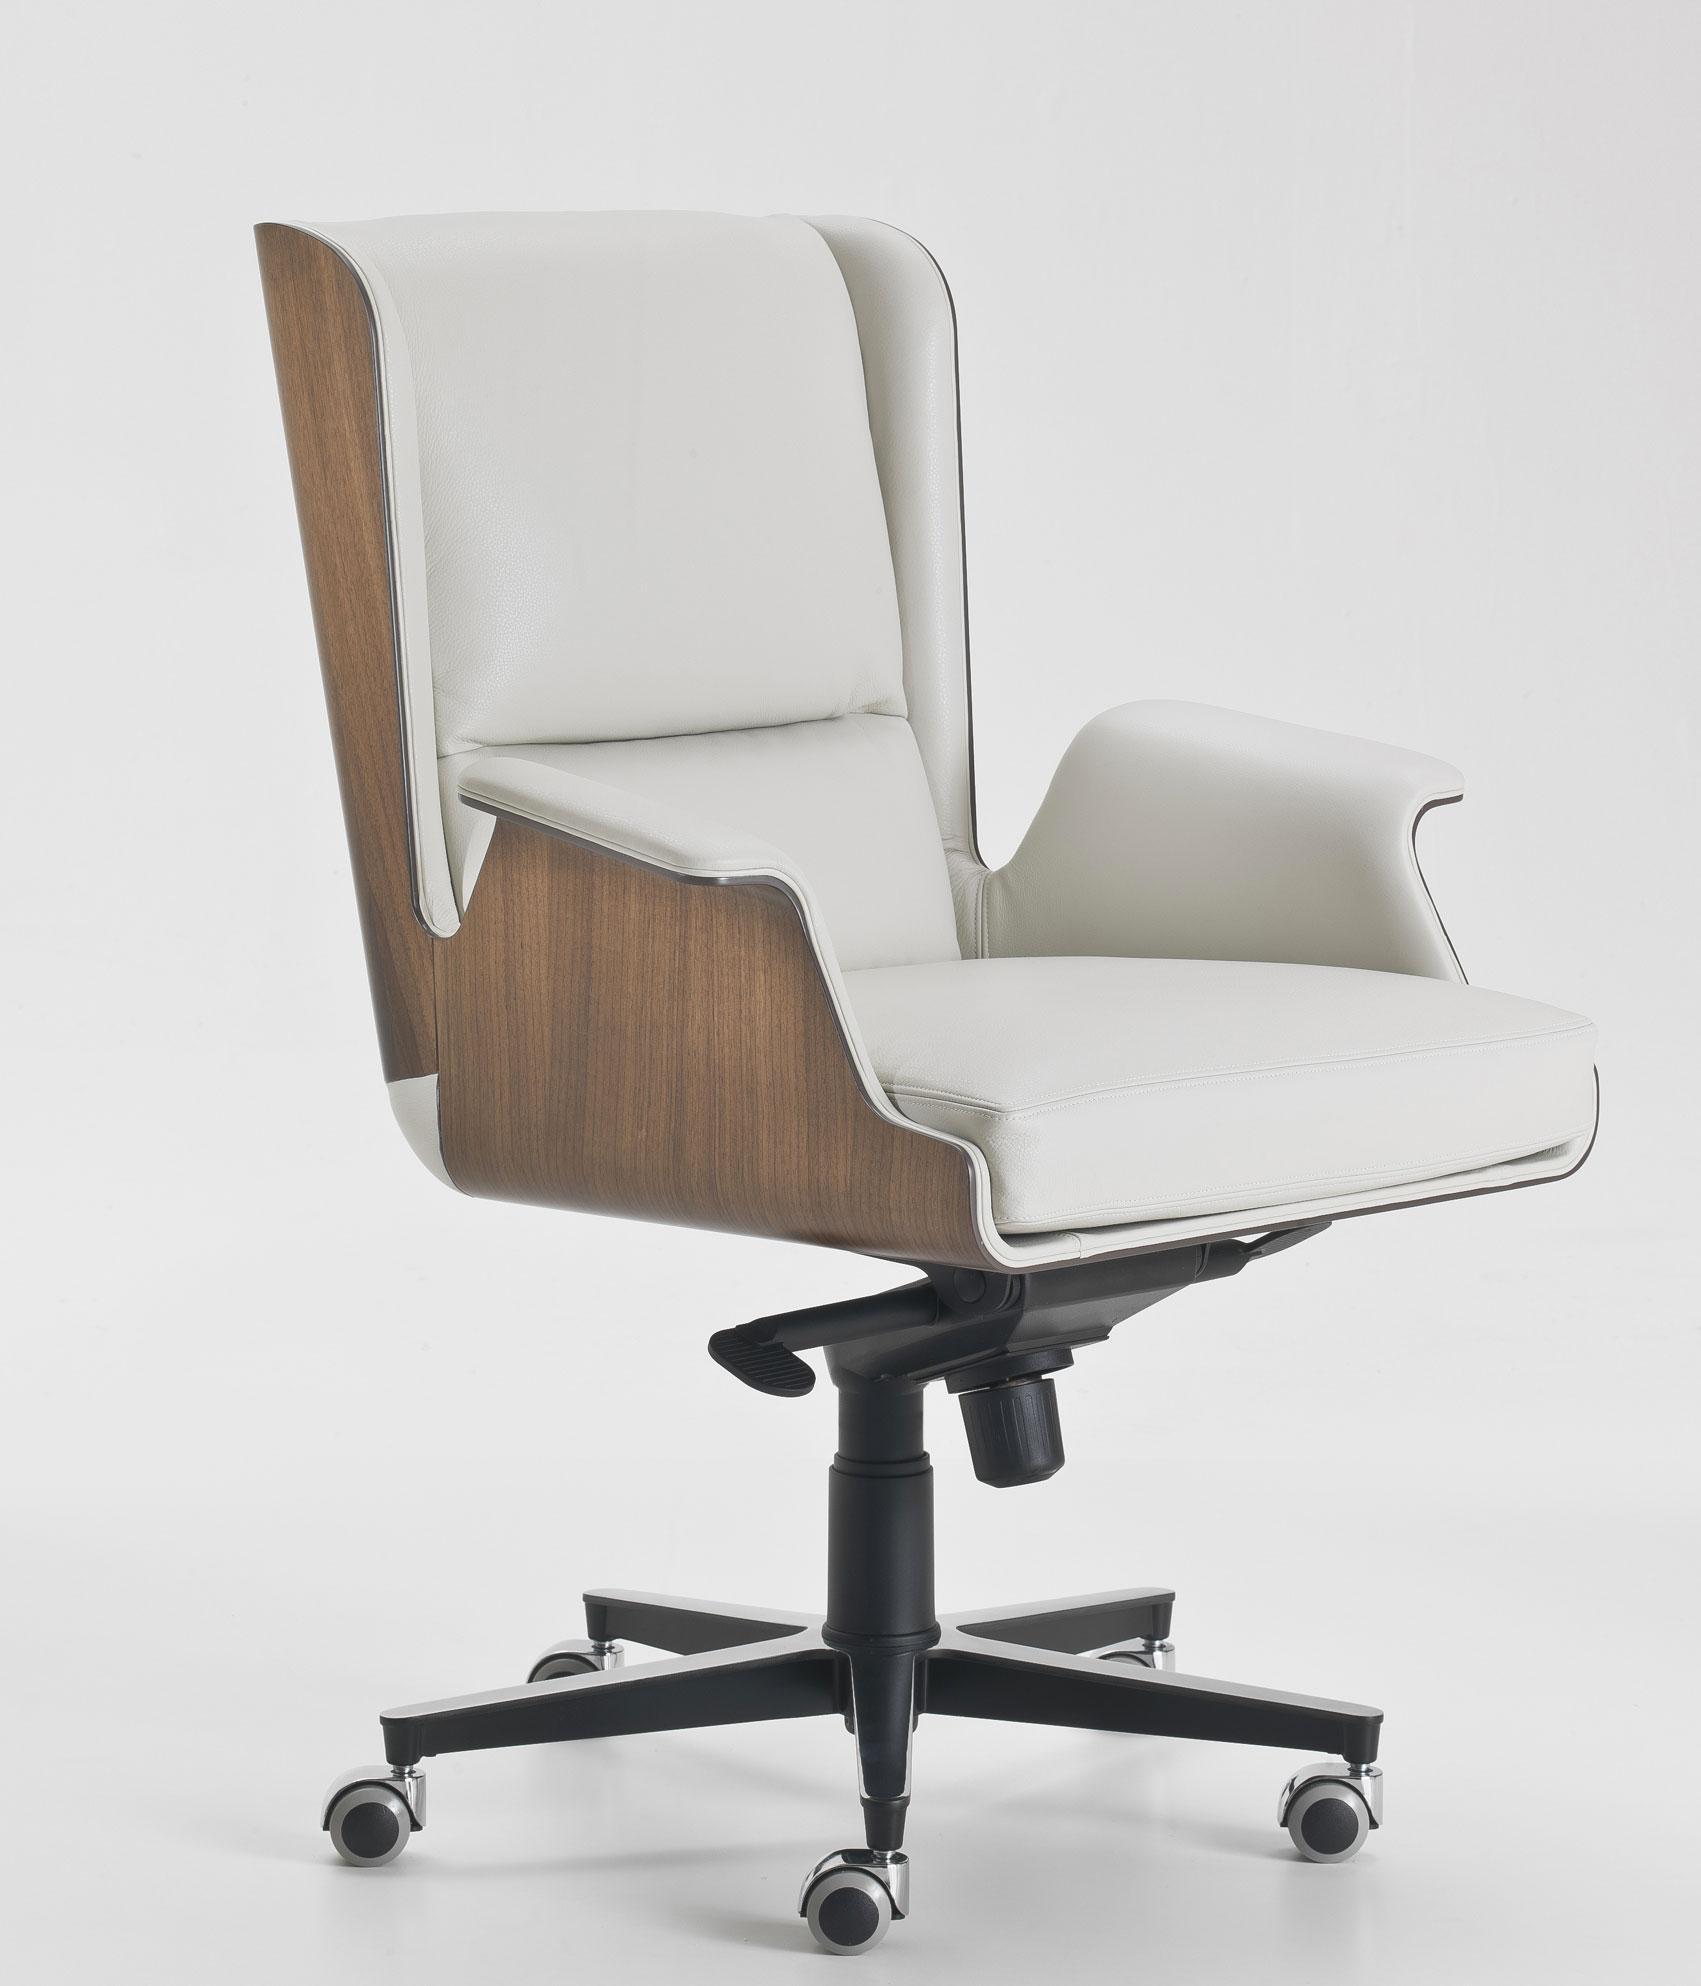 mobilier de bureau haut de gamme italien vente en ligne italy dream design. Black Bedroom Furniture Sets. Home Design Ideas